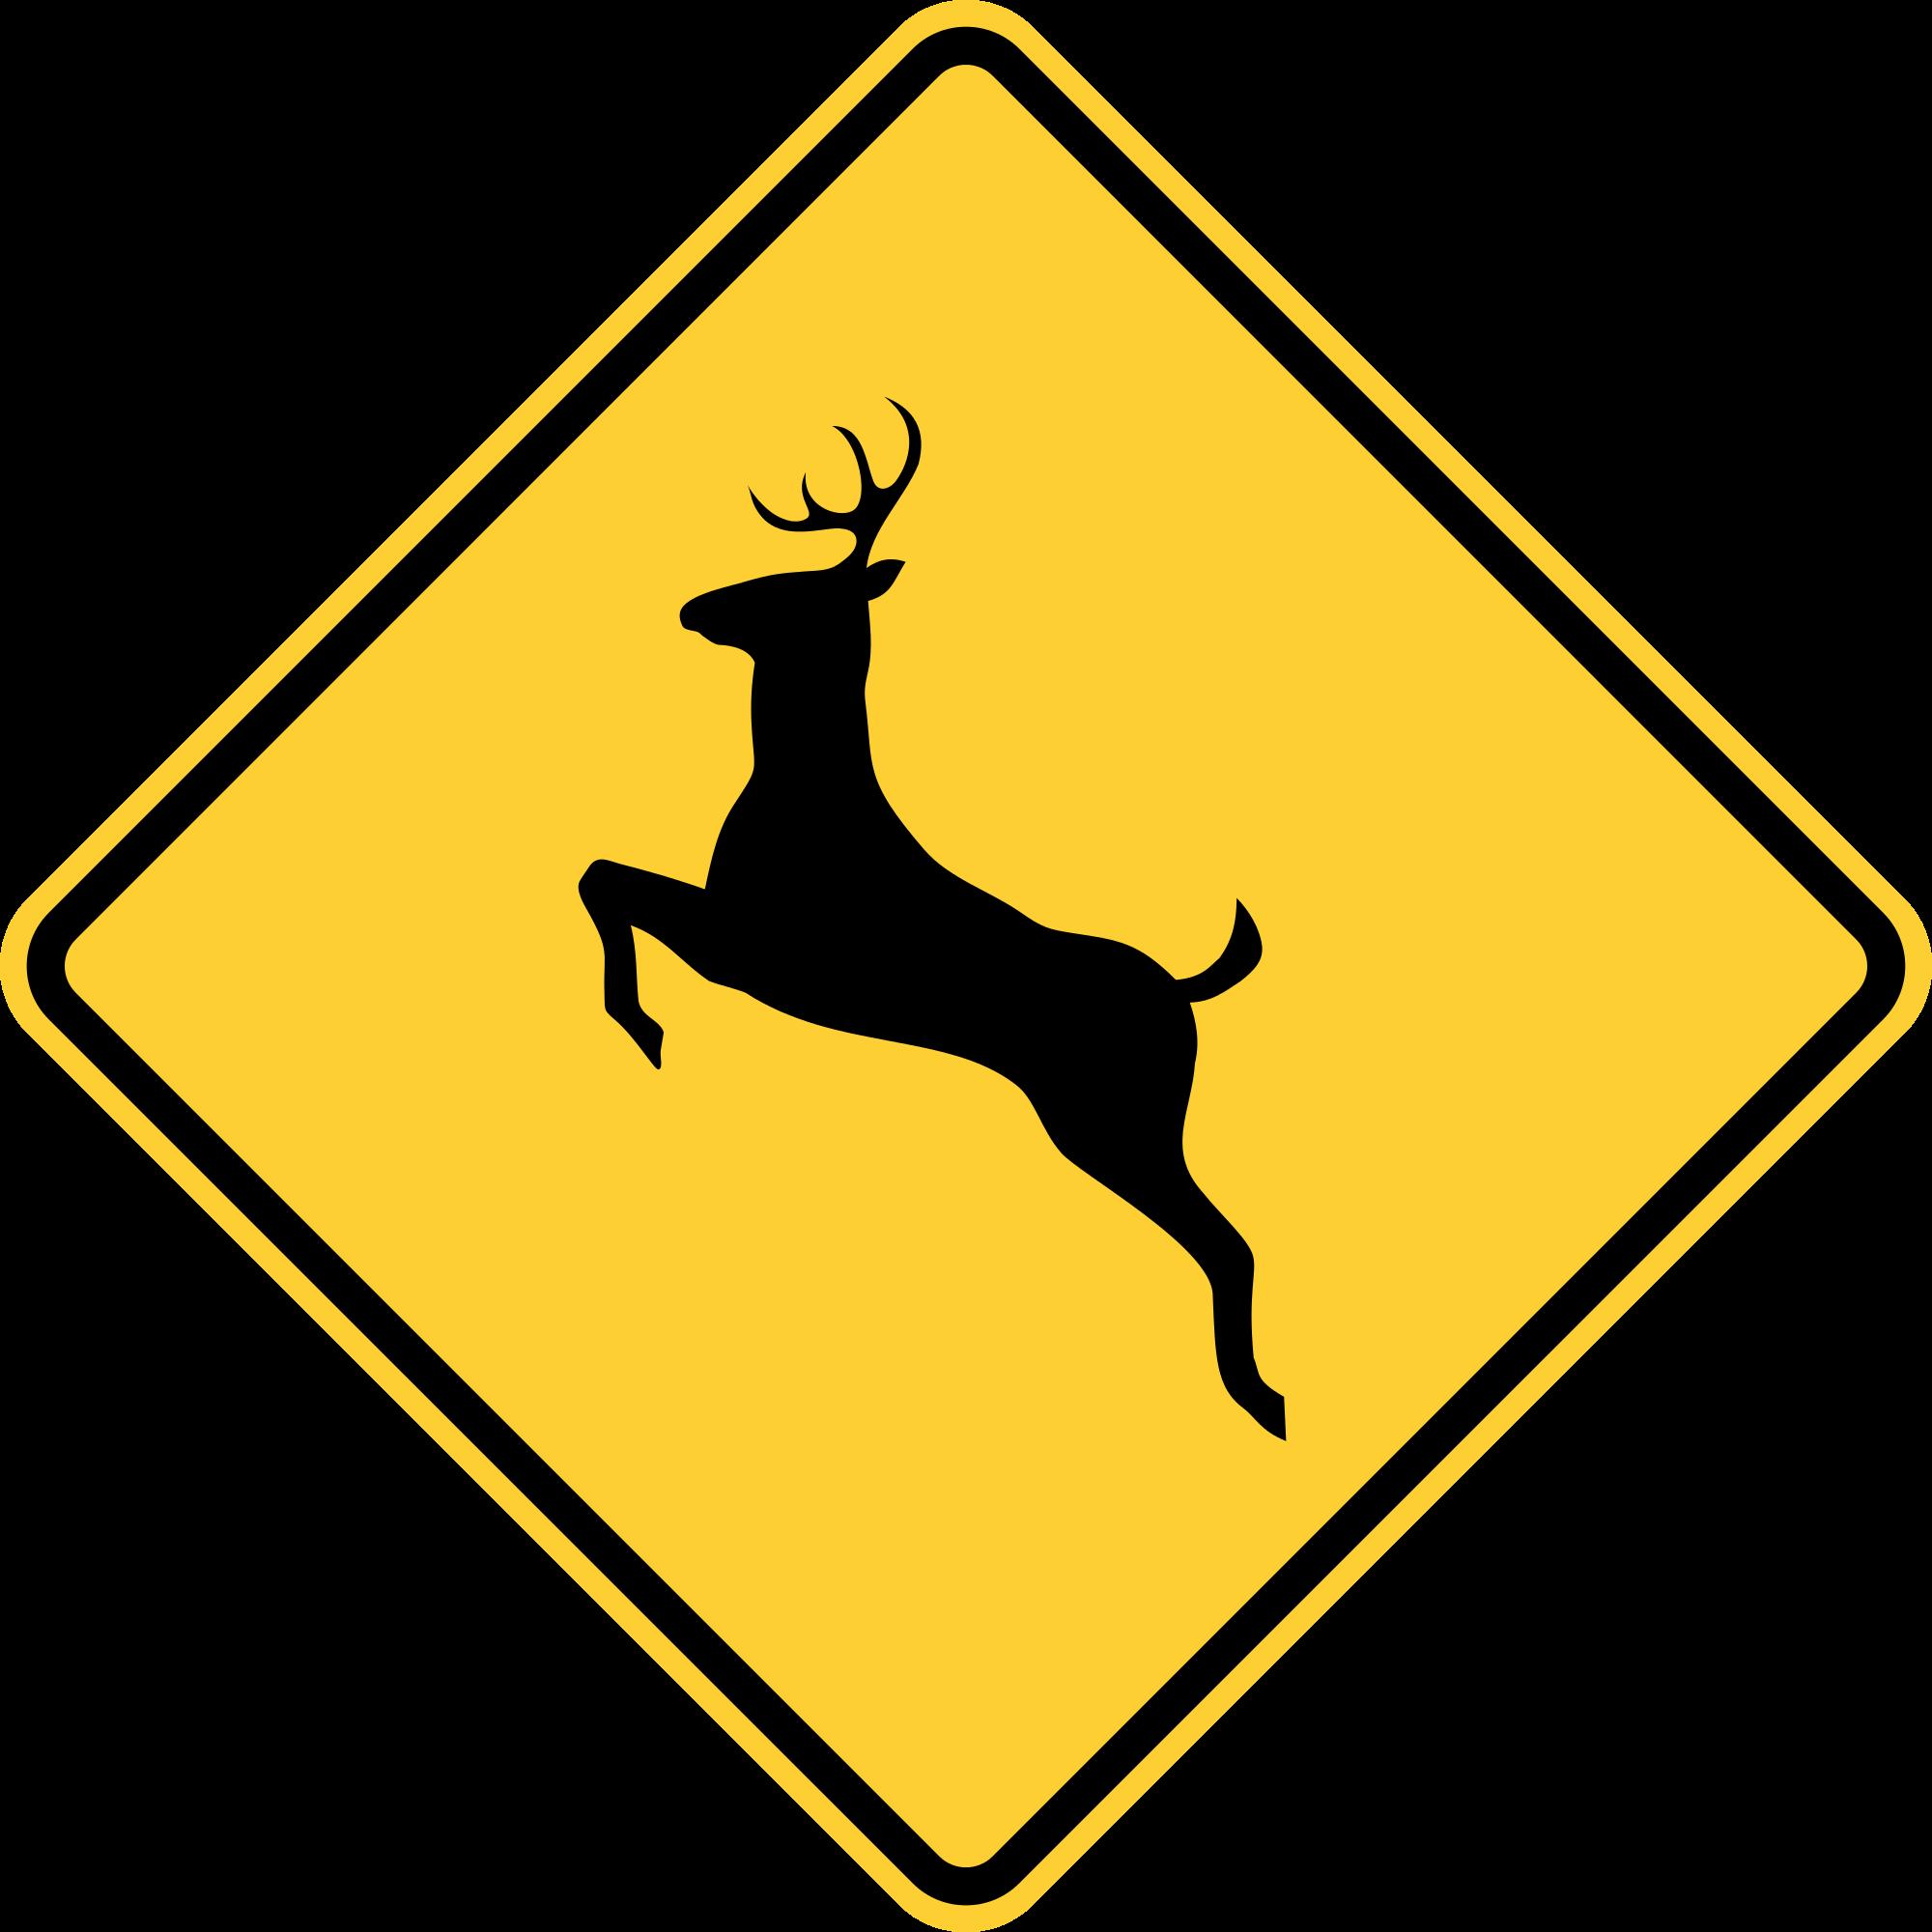 Deer clipart file. Mutcd w svg wikimedia